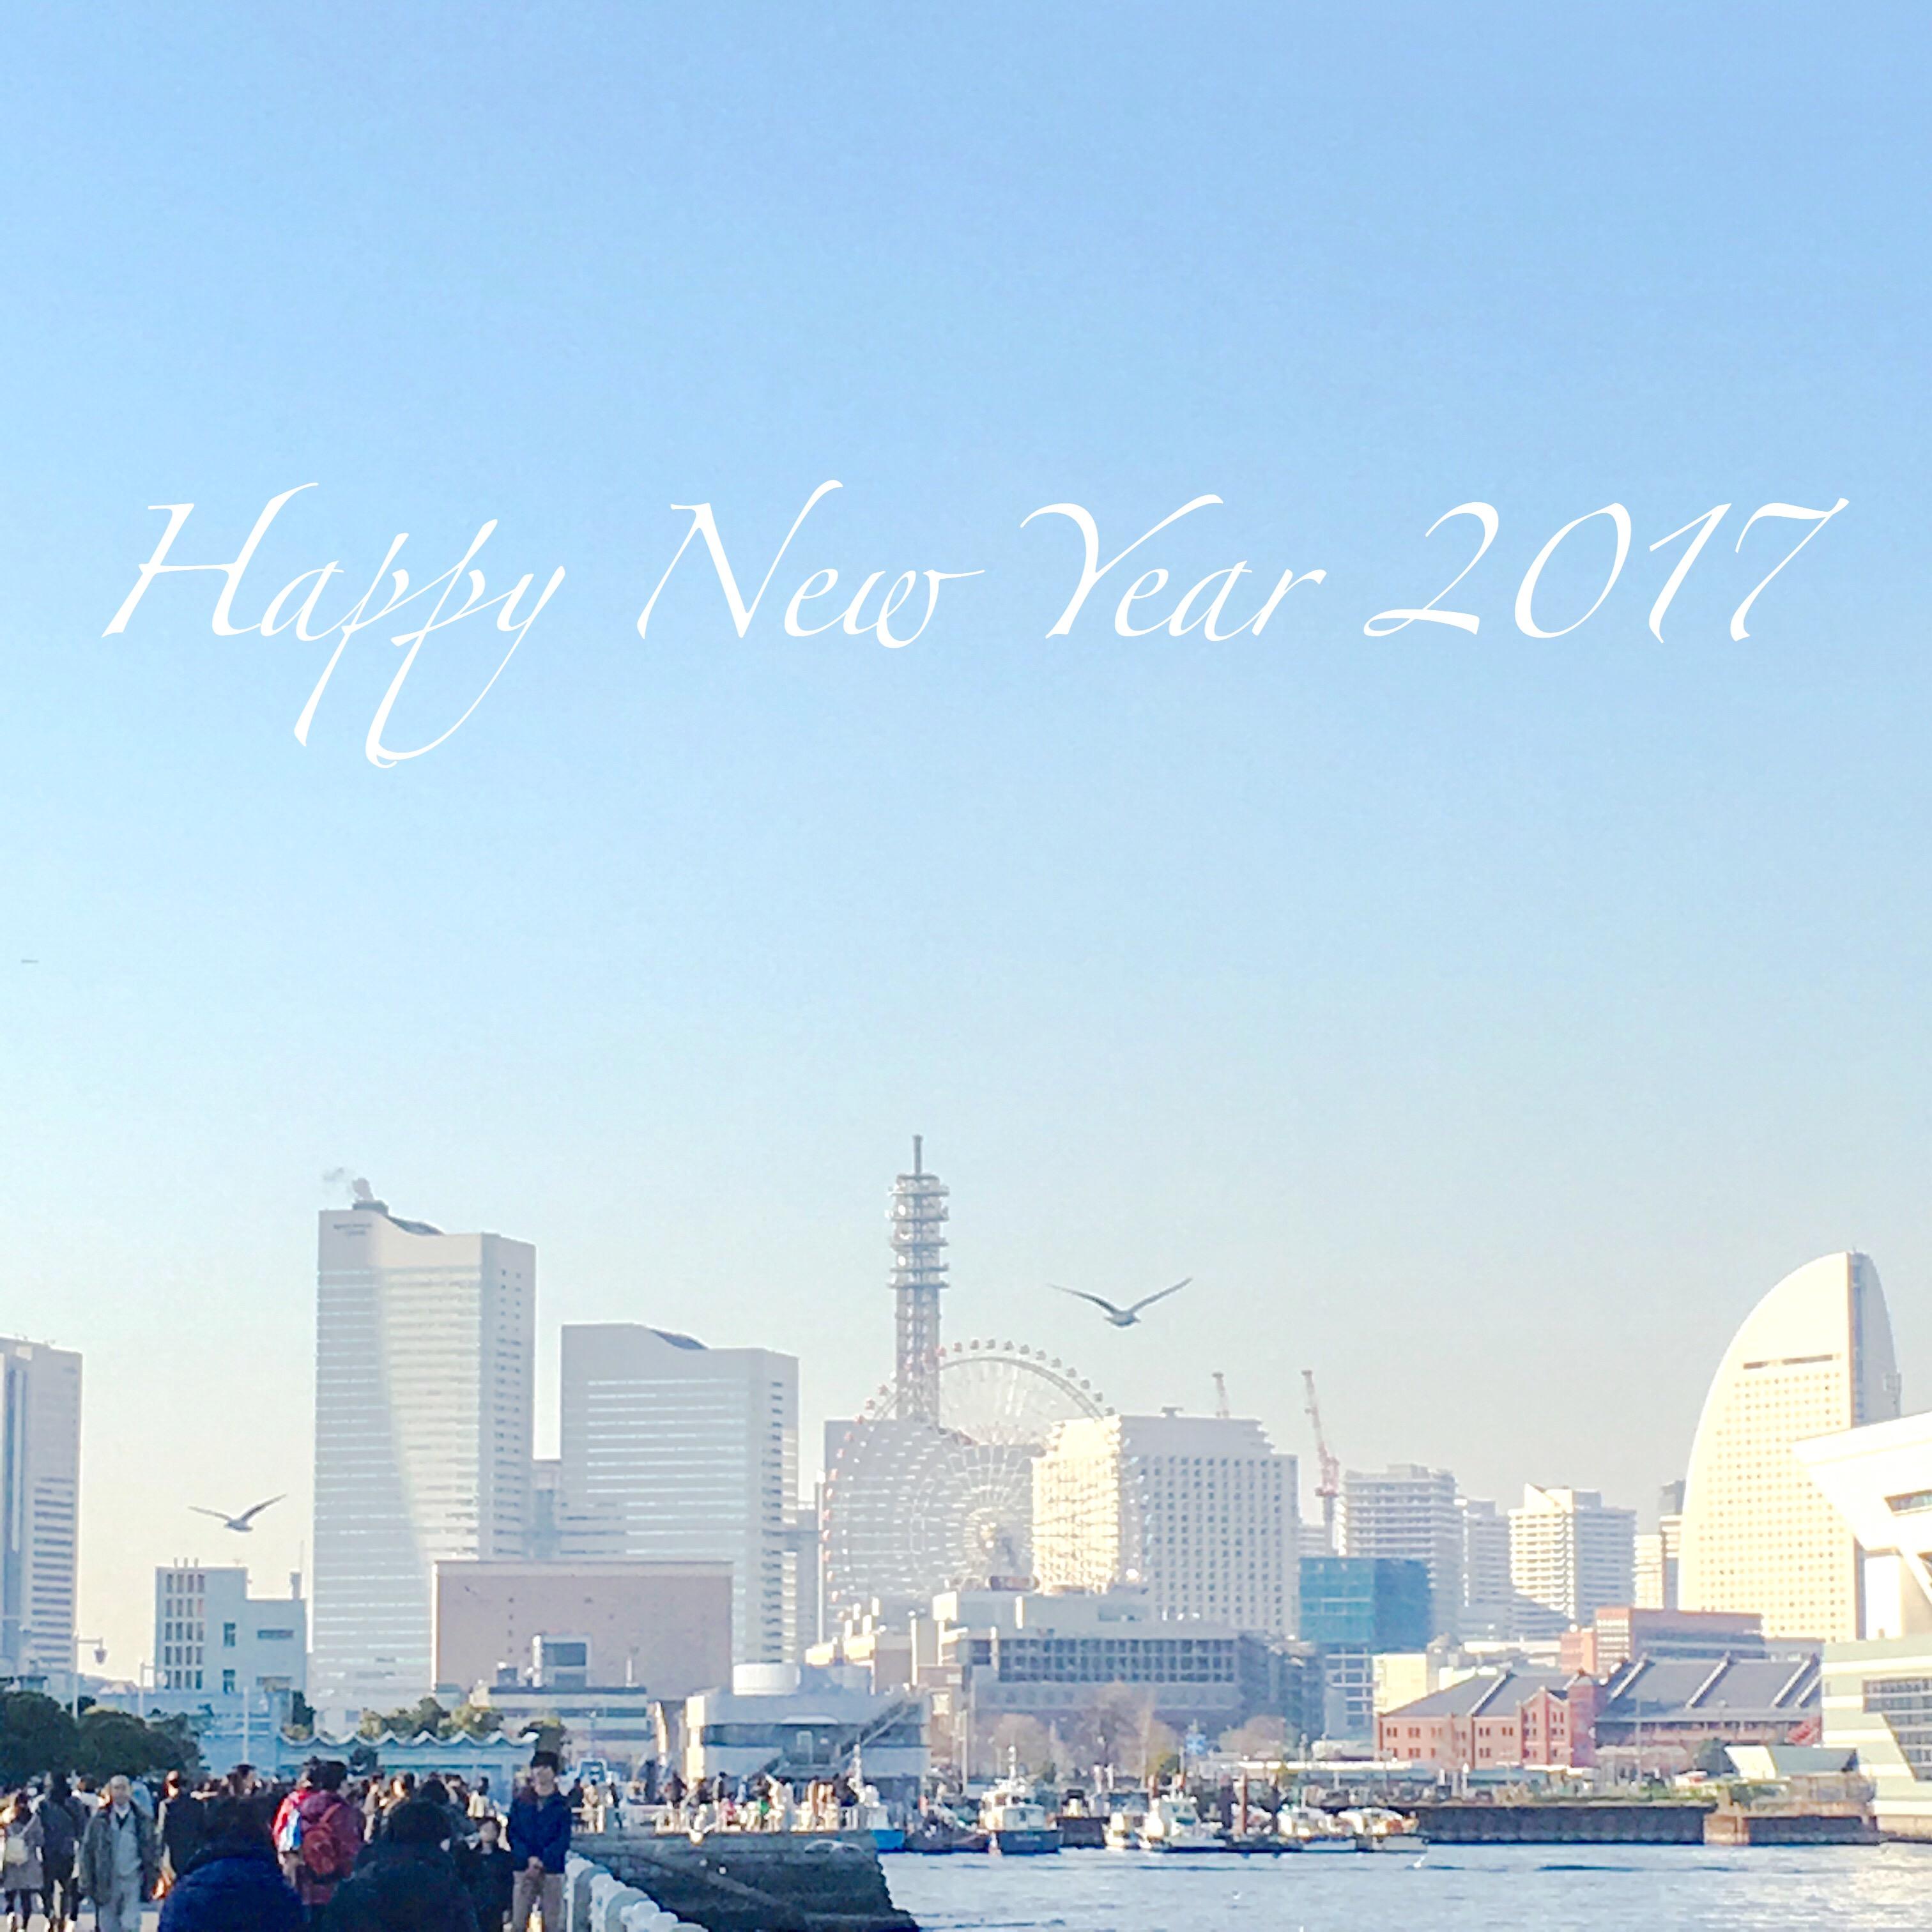 今年もよろしくお願いいたします 2017